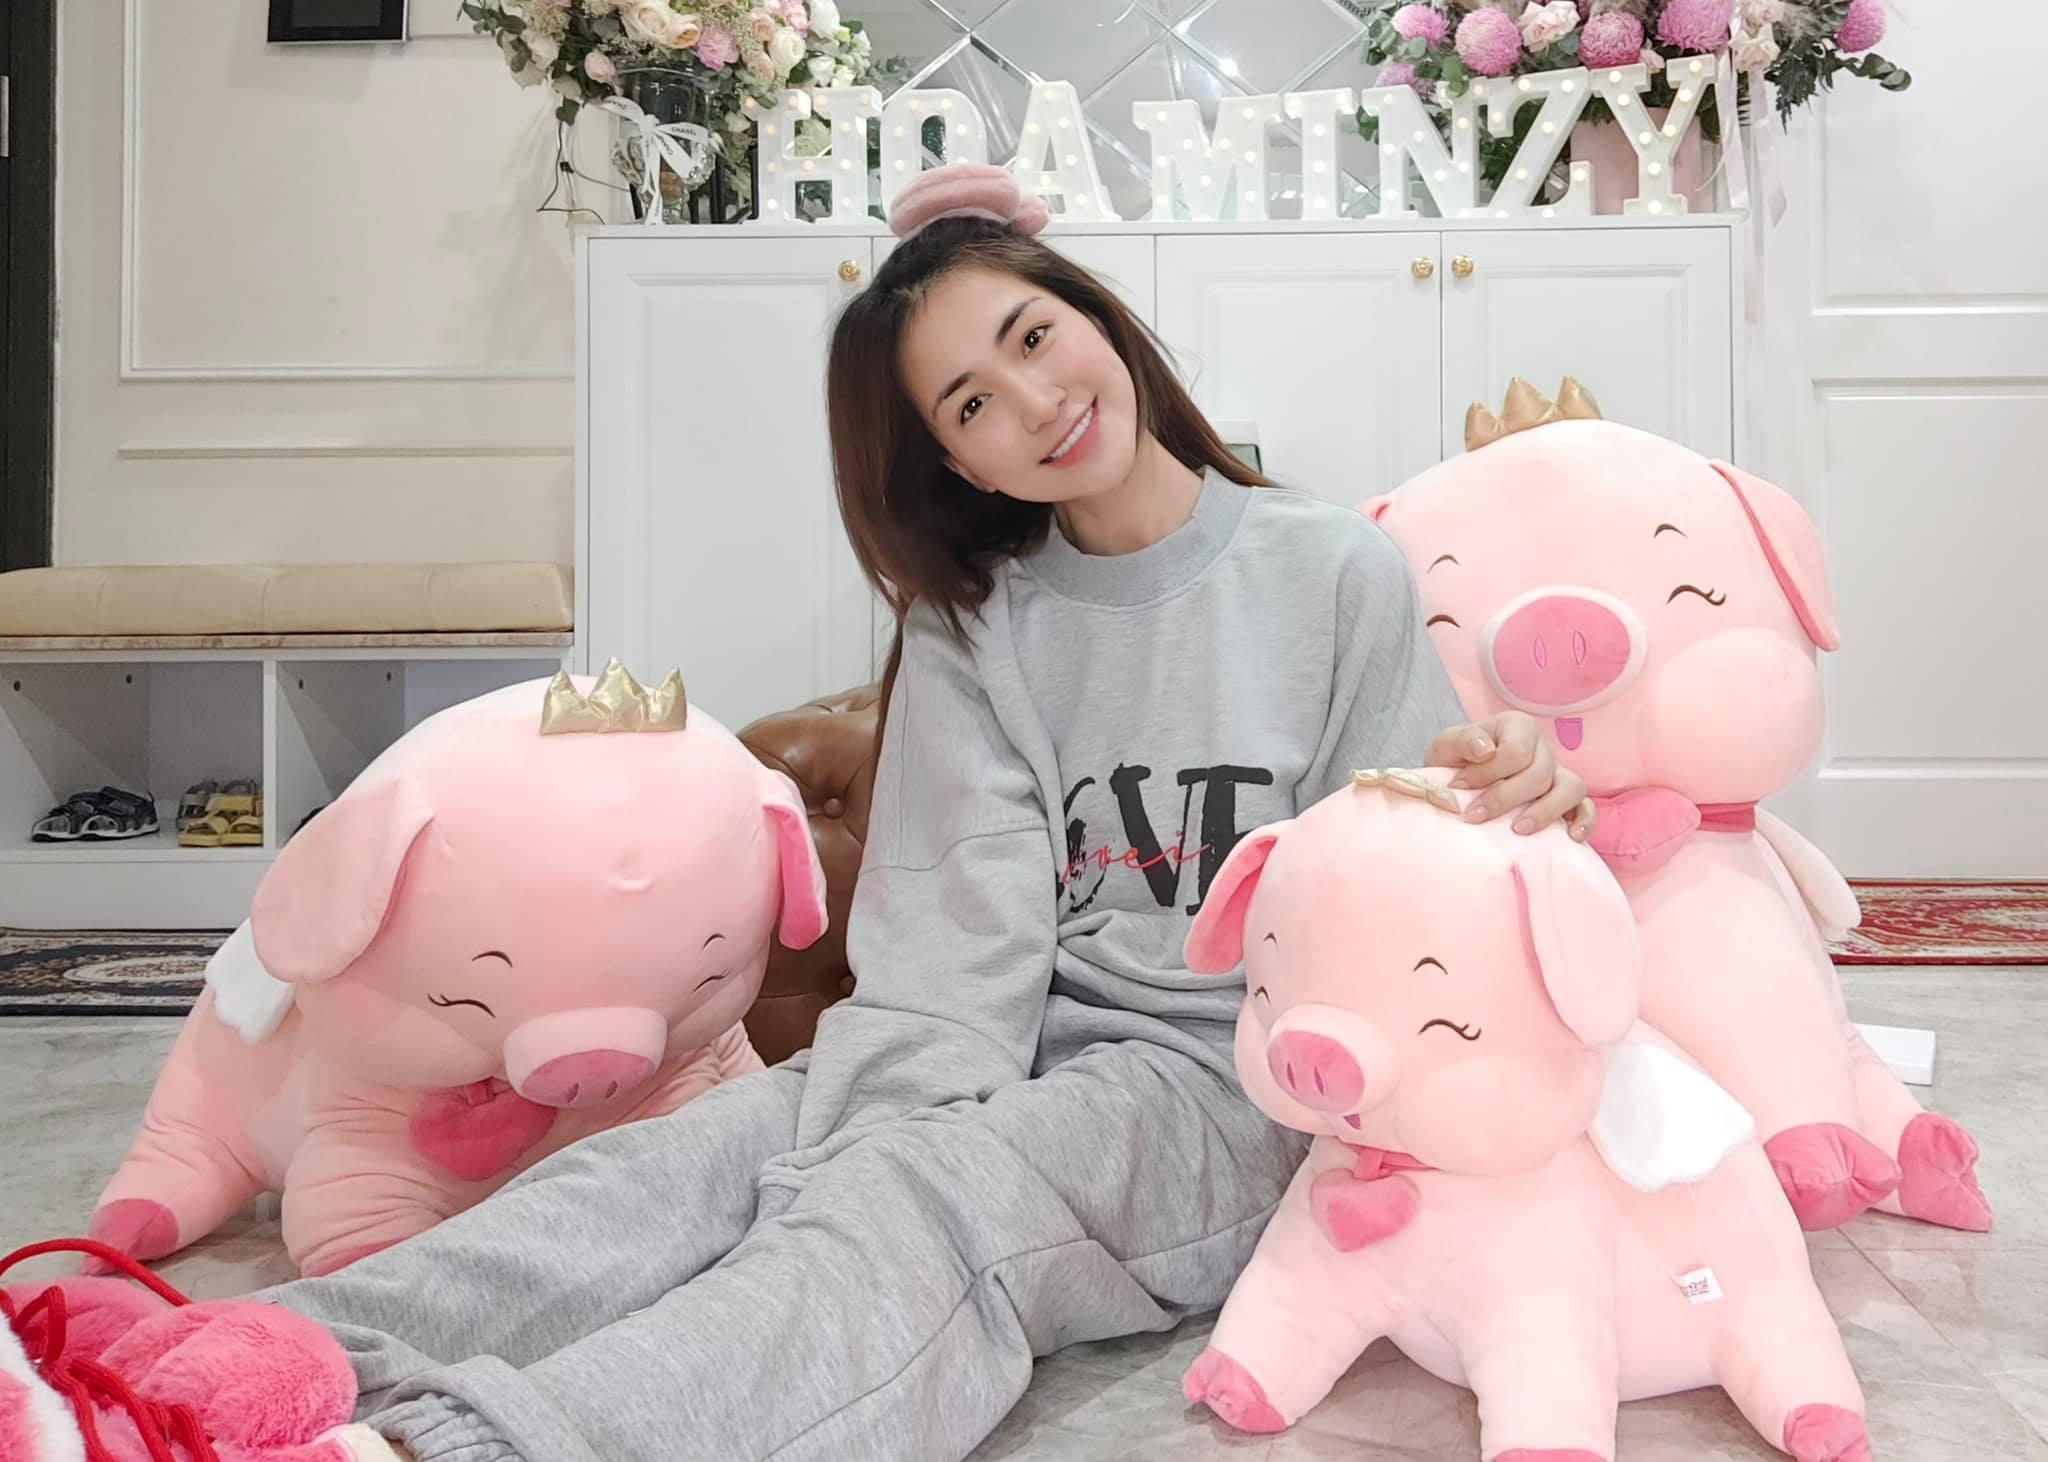 Hòa Minzy đã là mẹ trẻ con nhưng khi ở nhà vẫn cute phô mai que hết cỡ.